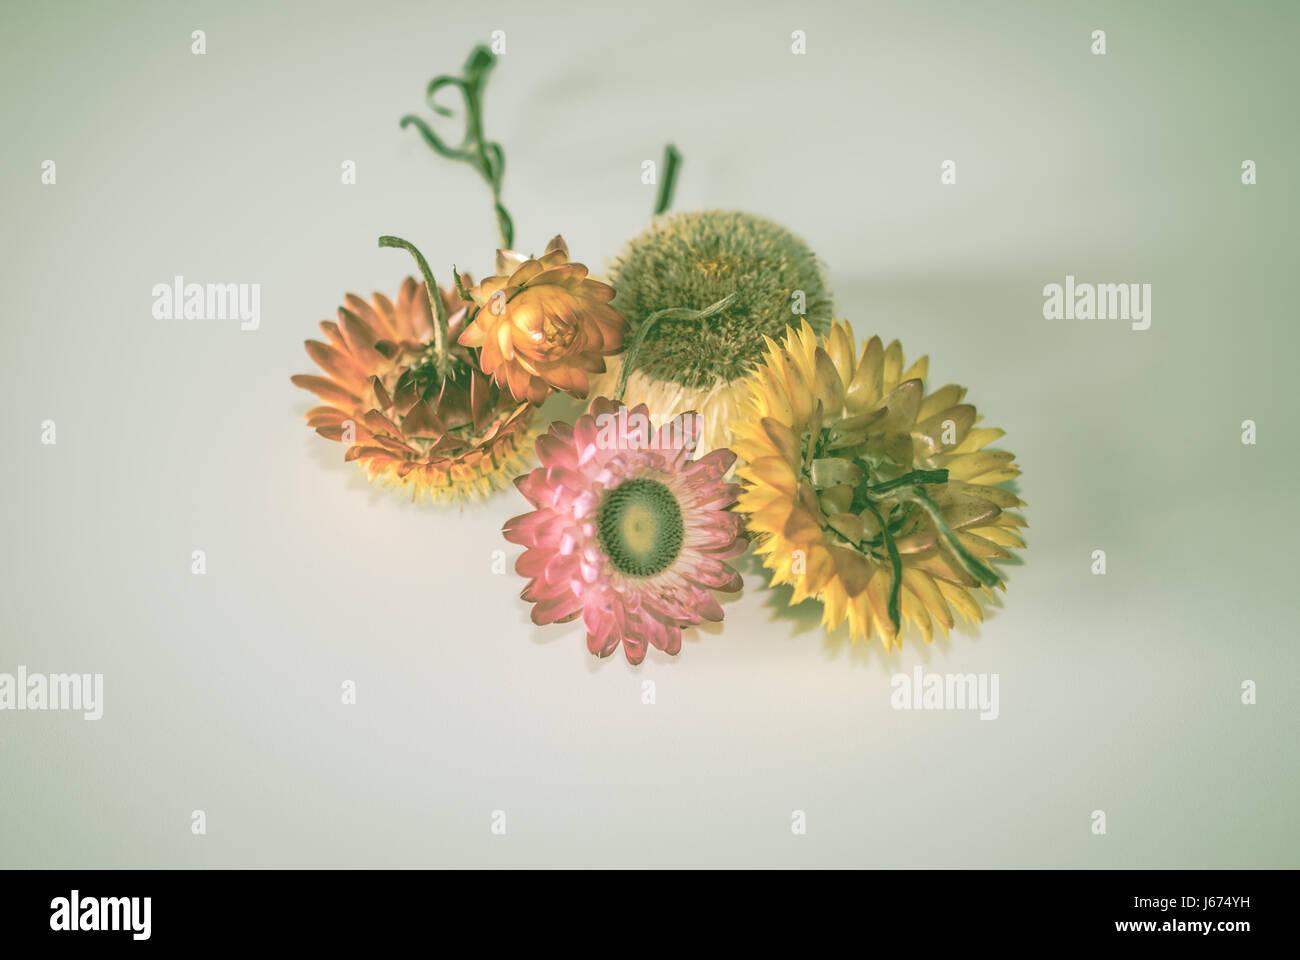 Directamente encima de la vista de flores contra fondos blancos Imagen De Stock